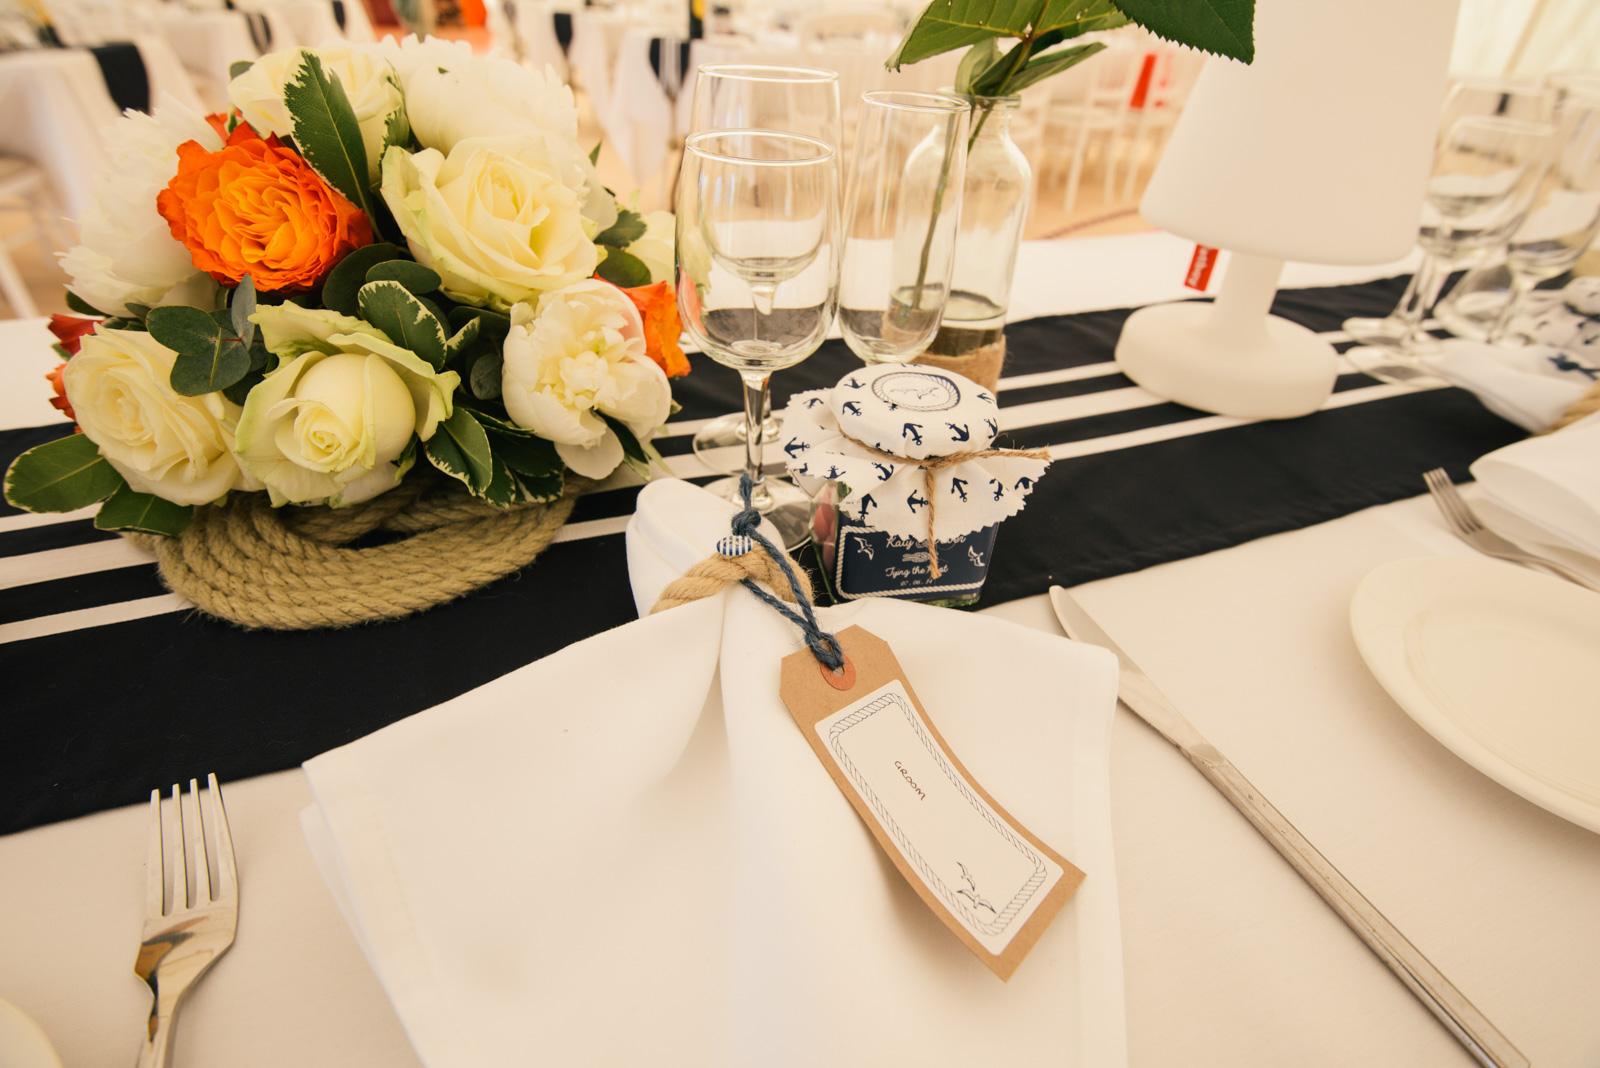 mylor-church-wedding-76.jpg